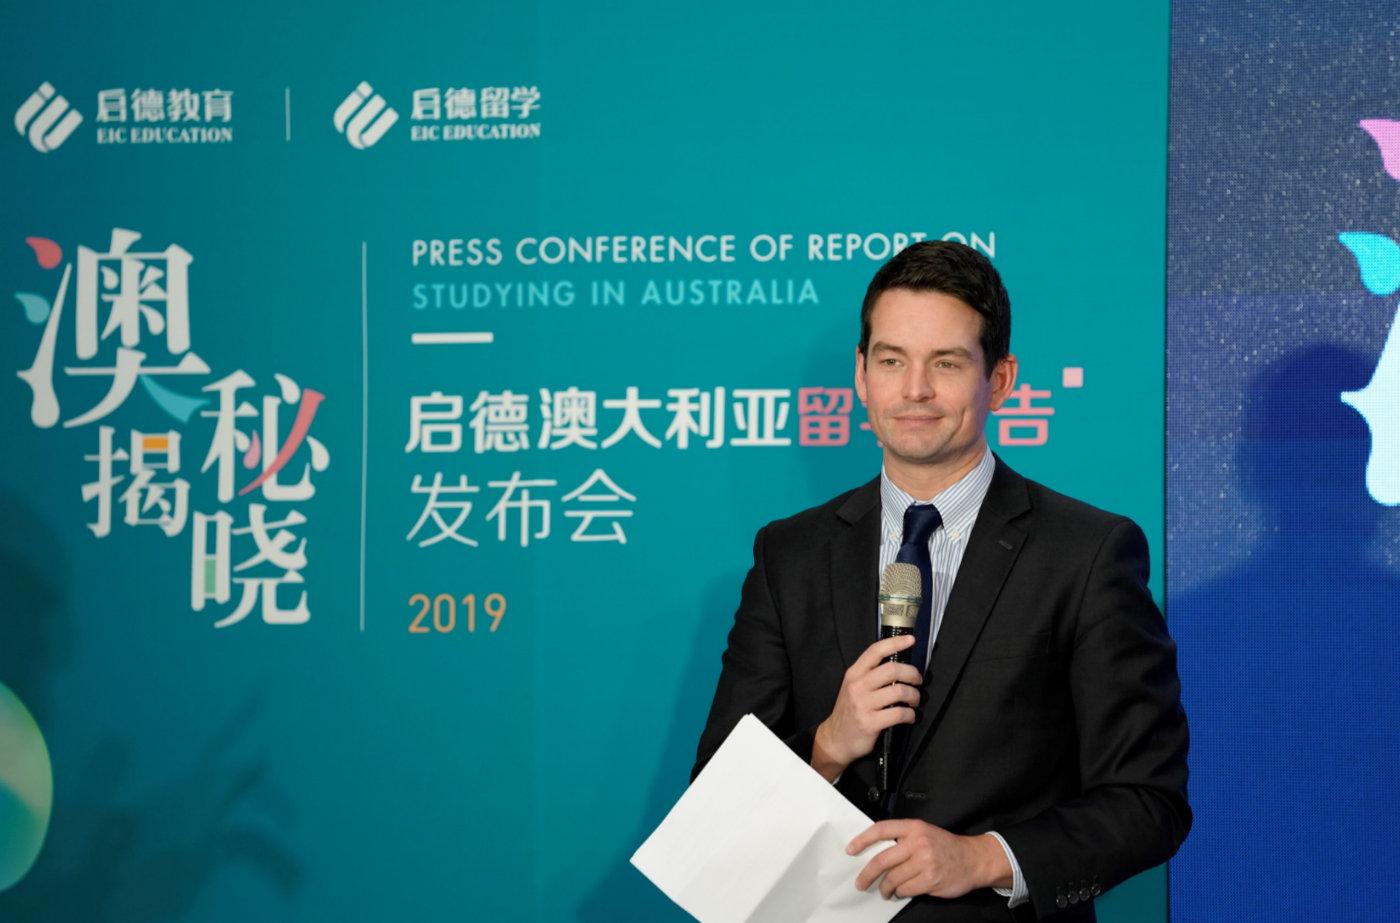 """""""中澳学生间的联系,将创造更开放更包容的世界"""""""